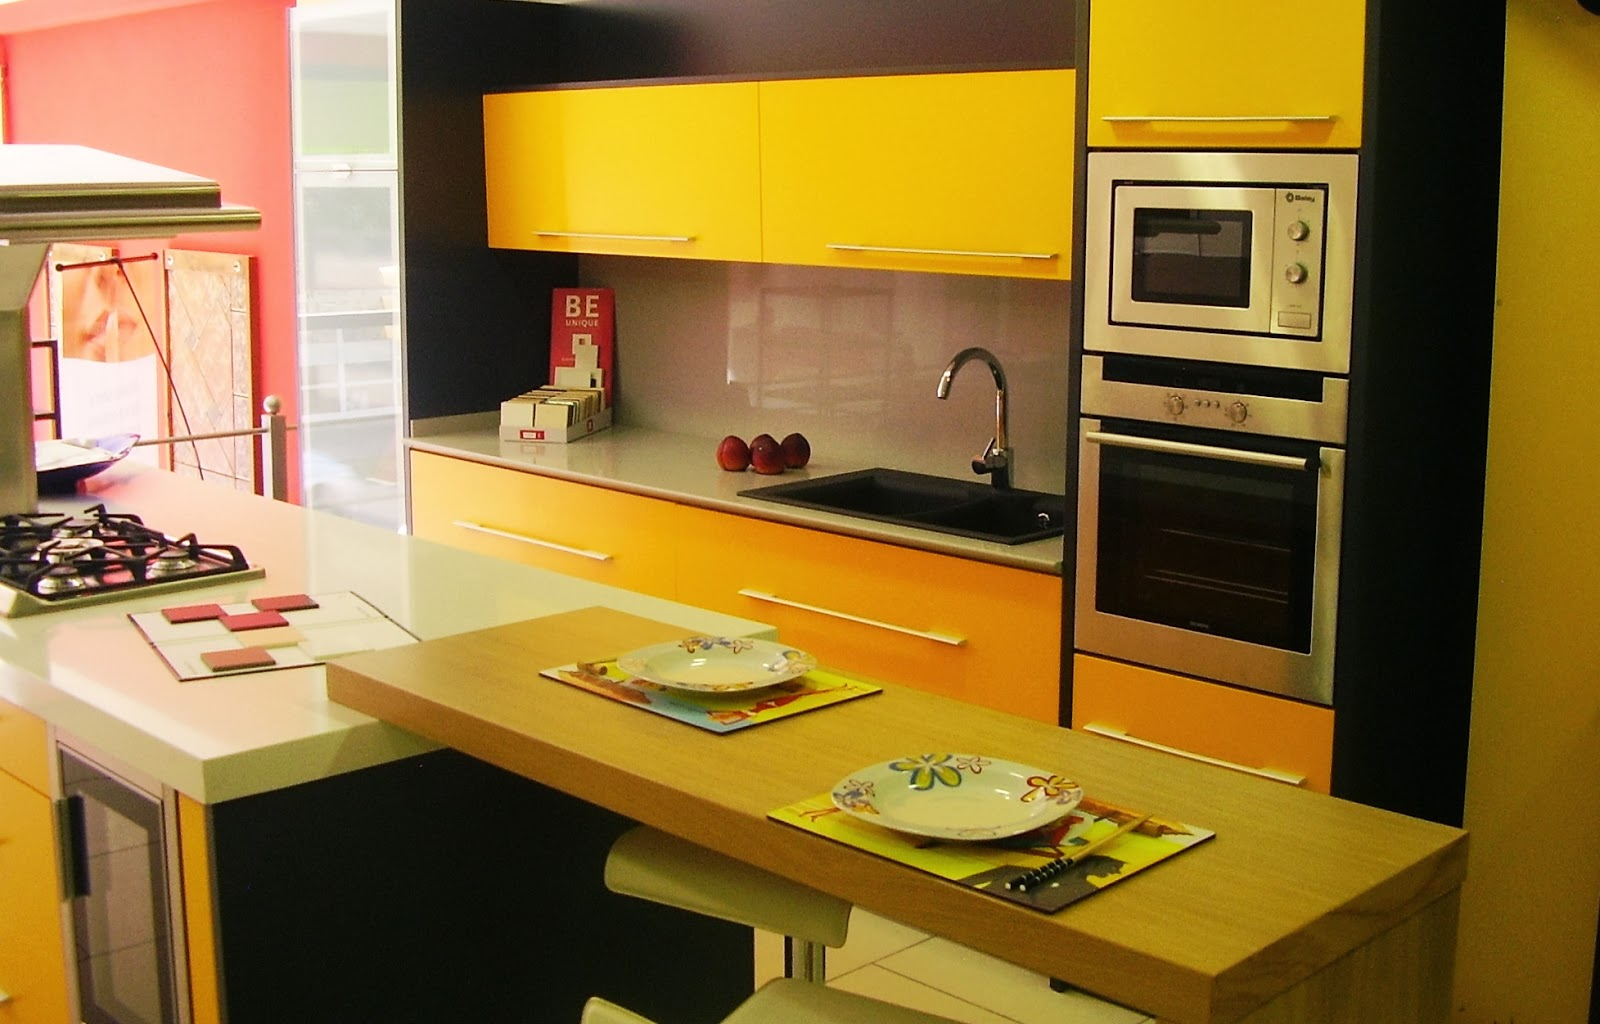 Came 3 ba os y cocinas cocinas de colores - Carta colores silestone ...